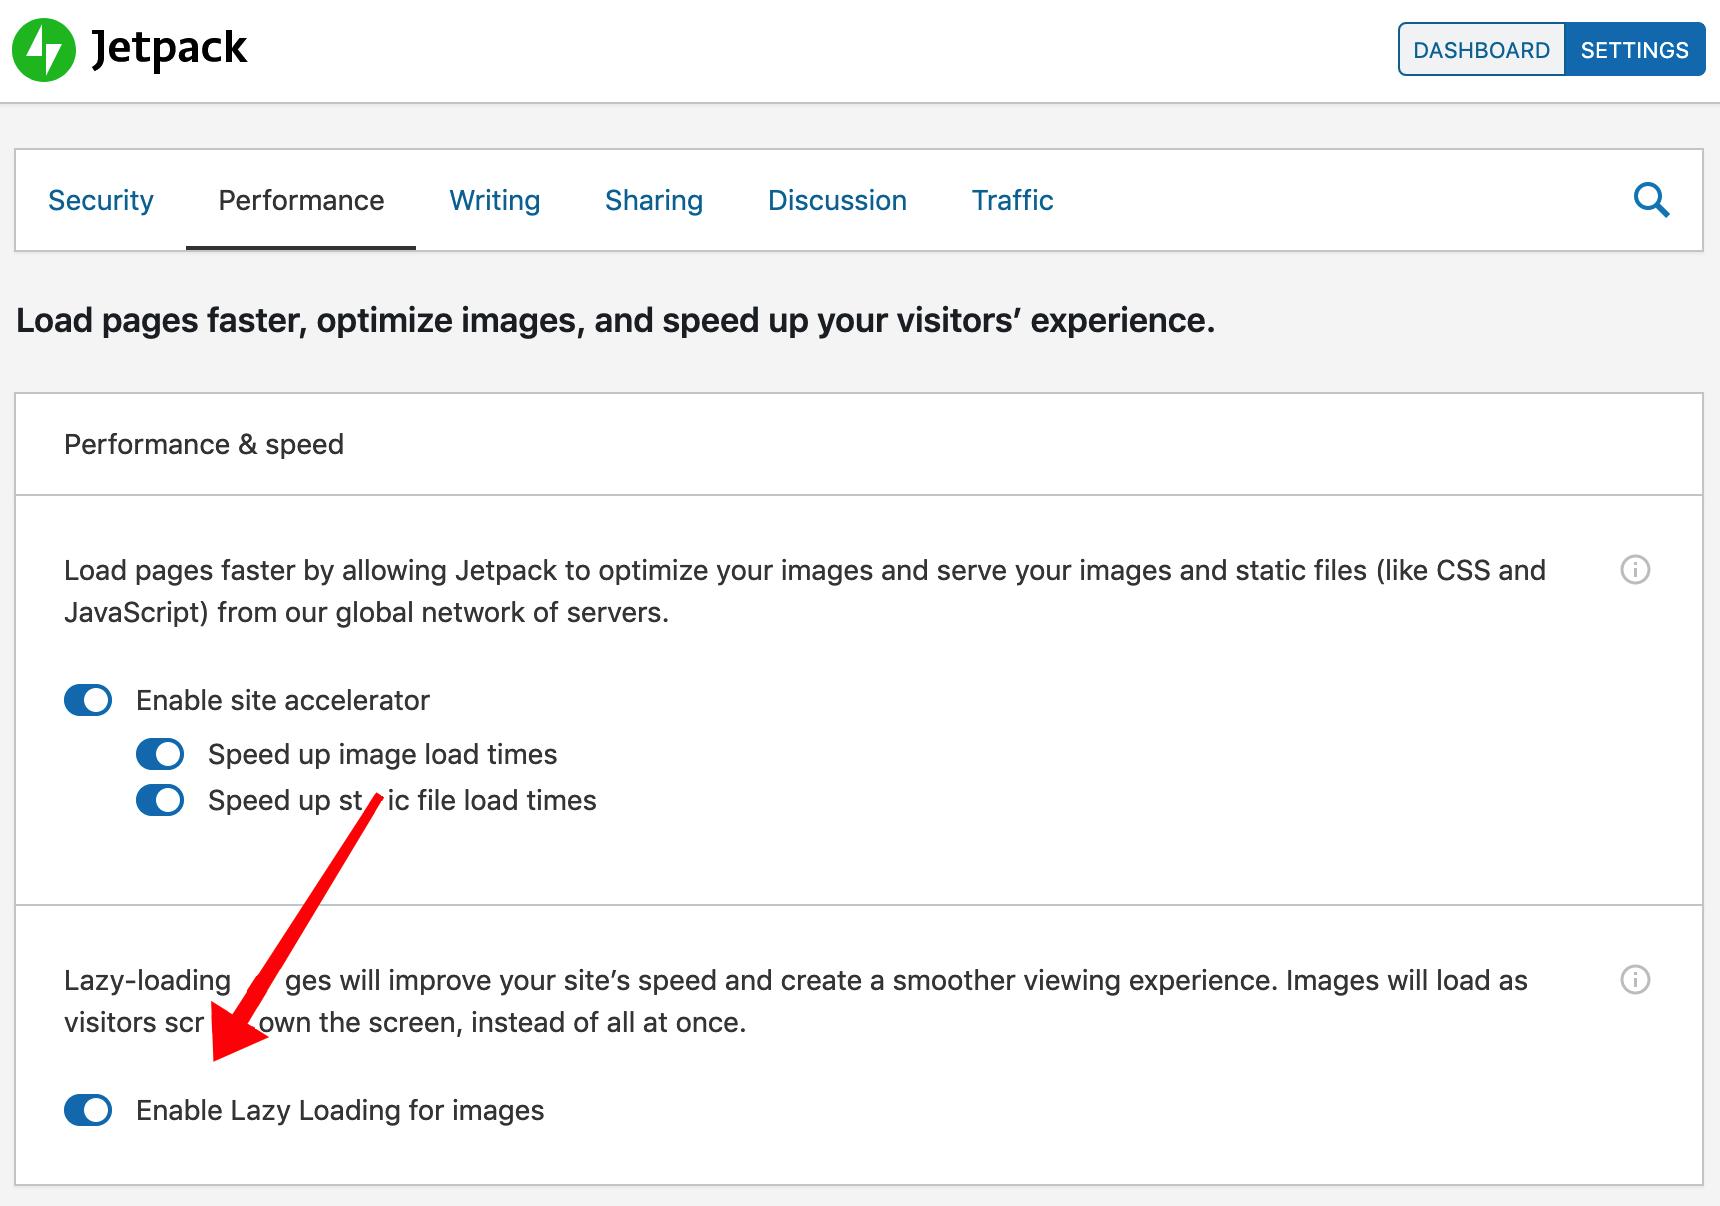 Tải hình ảnh từng phần (Lazy loading) với Jetpack.